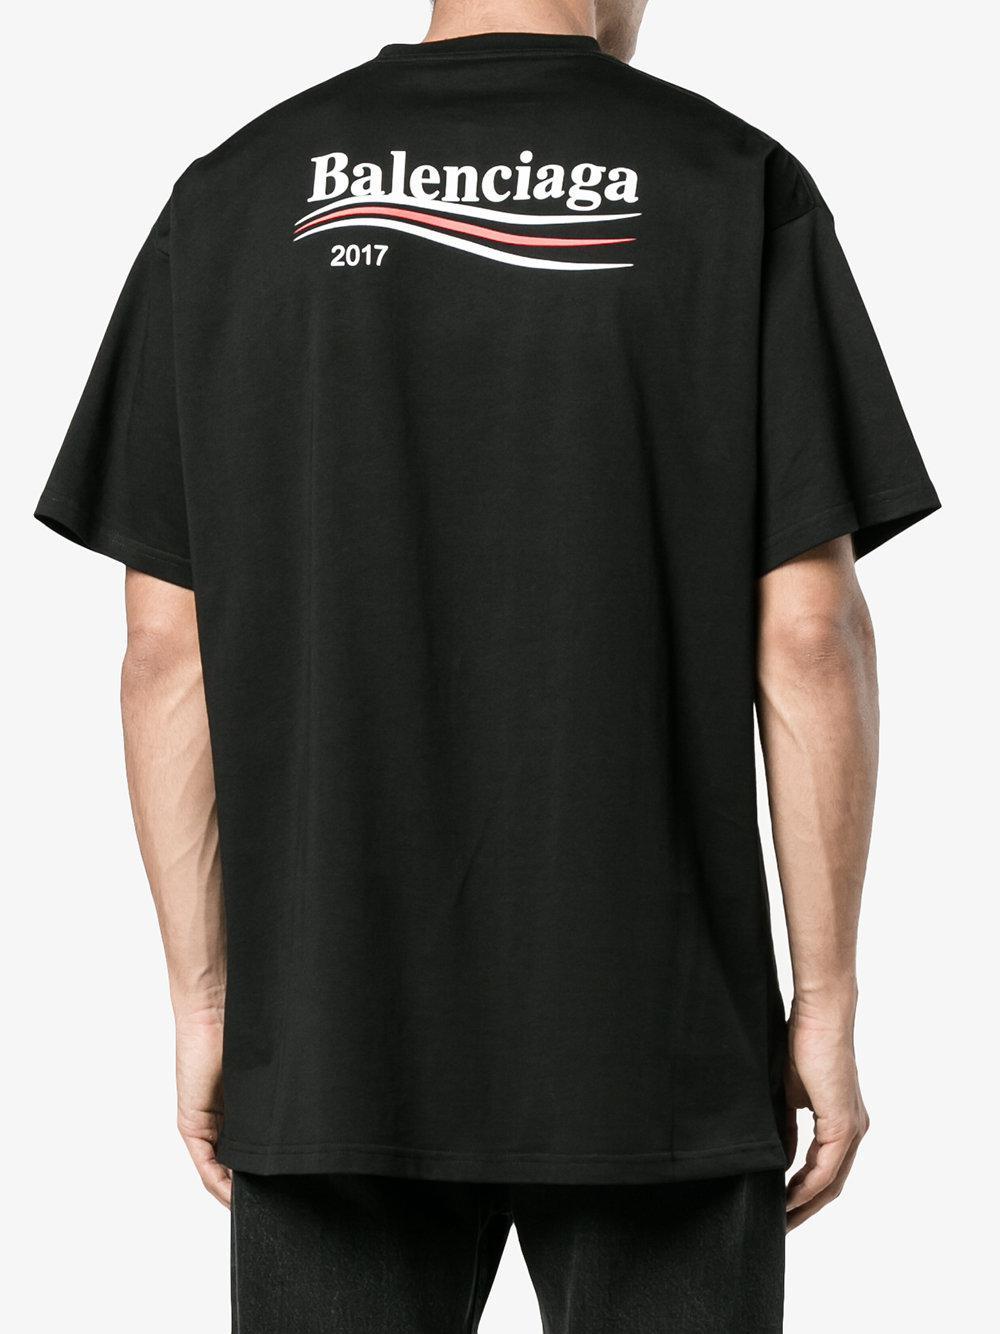 balenciaga logo shirt 2017